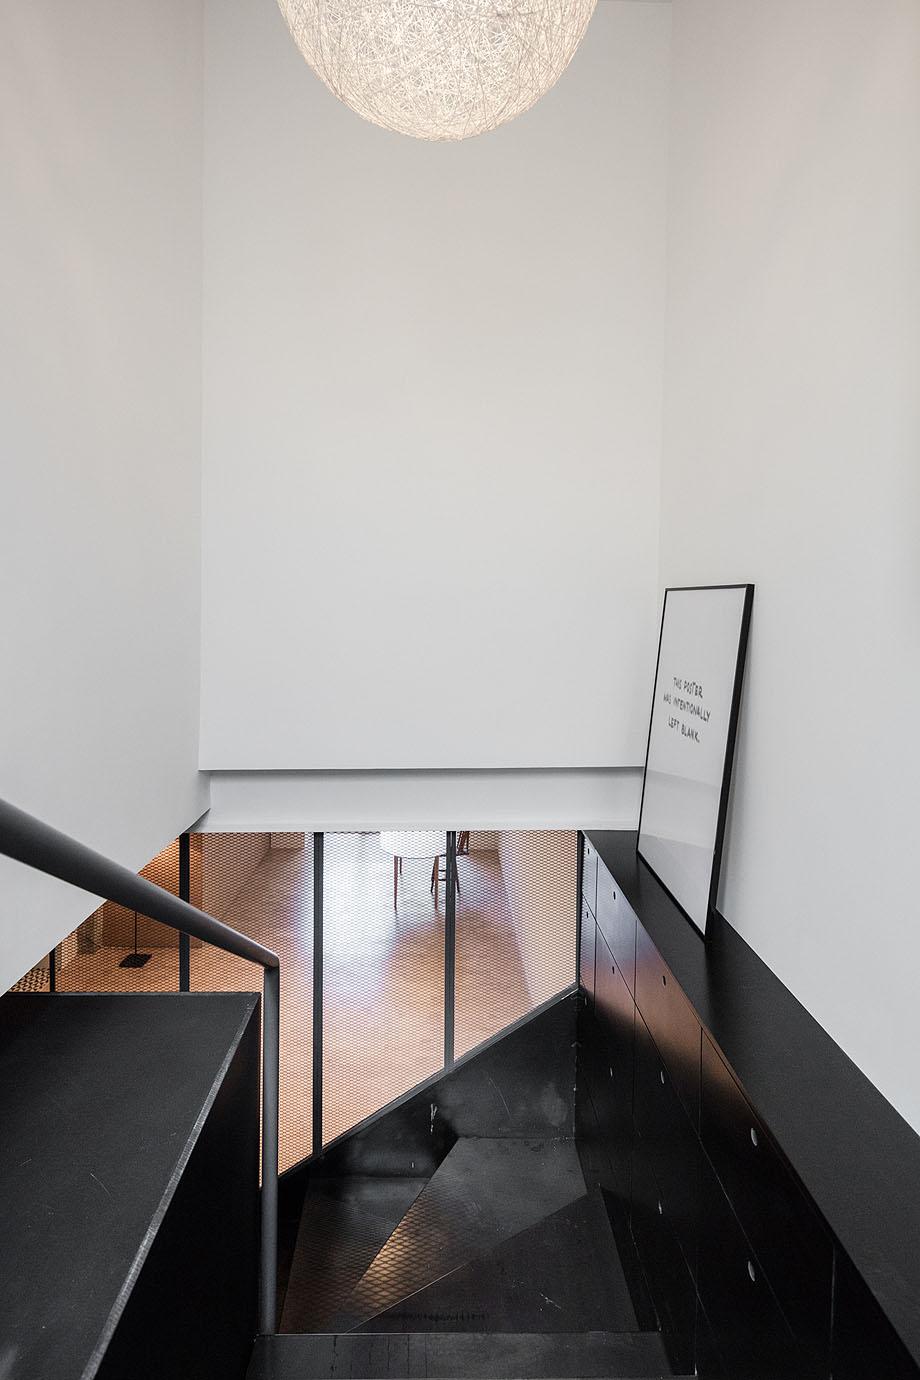 rua maria loft de kema studio (1)